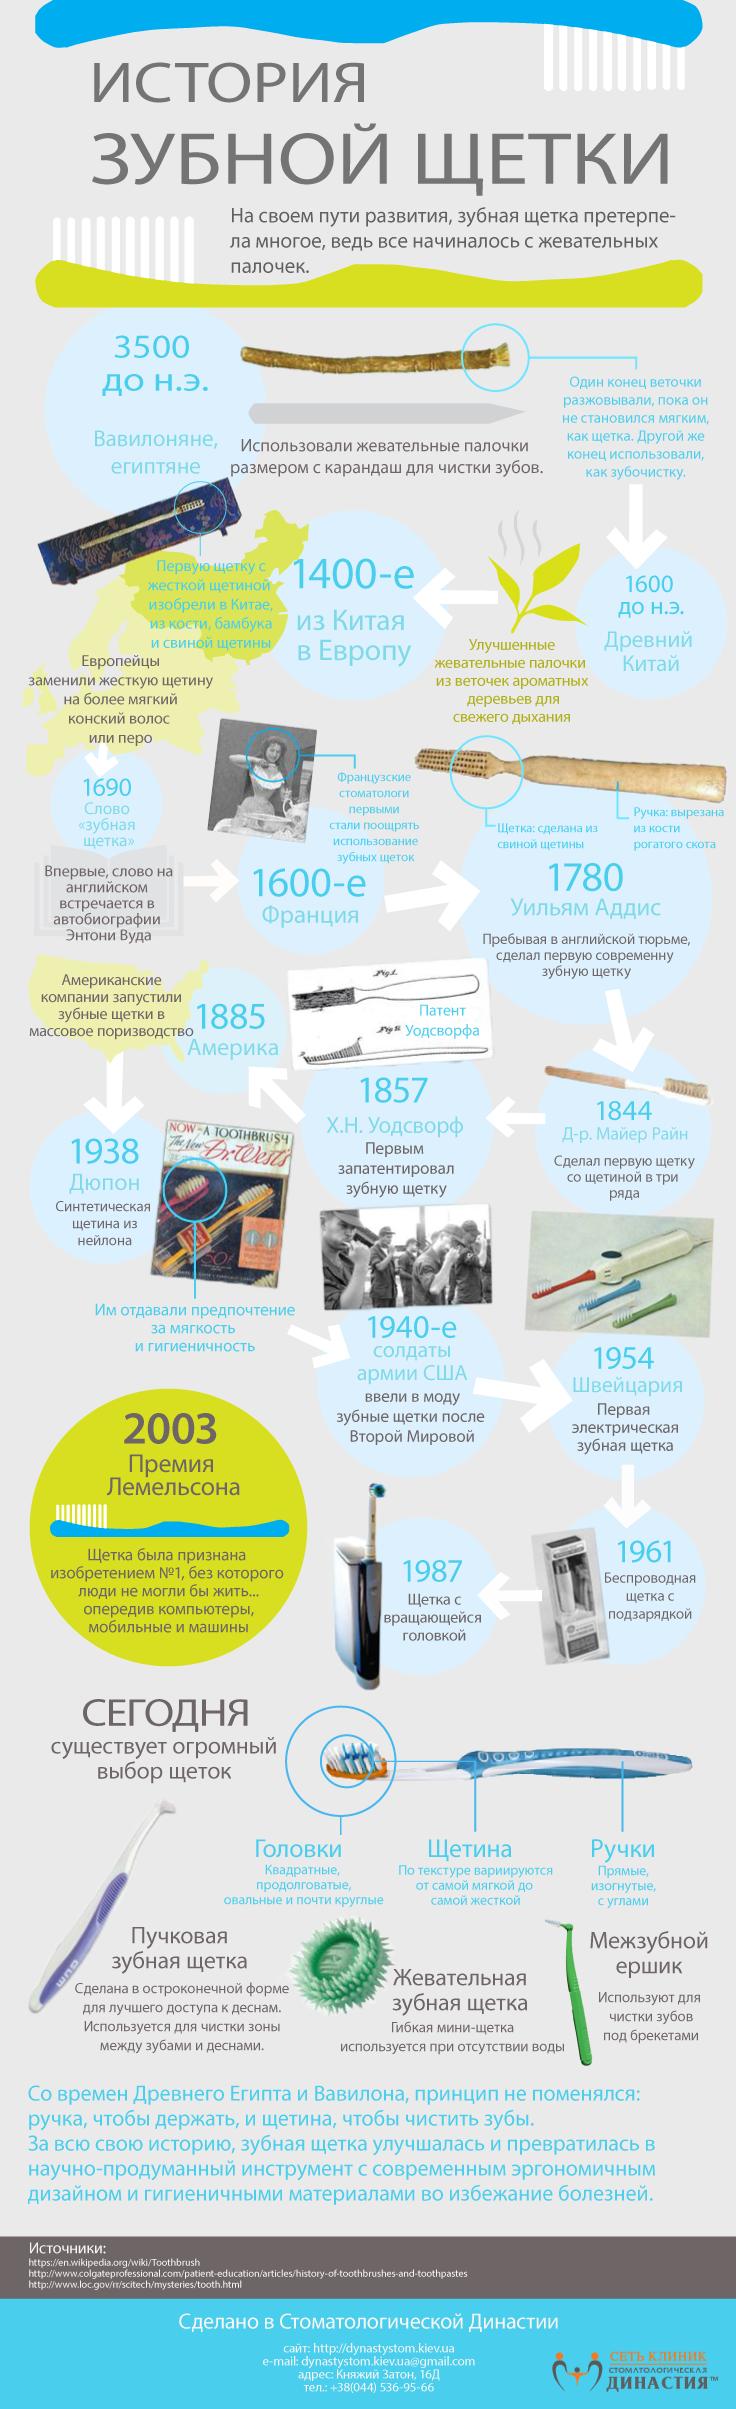 Инфографика: история зубной щетки